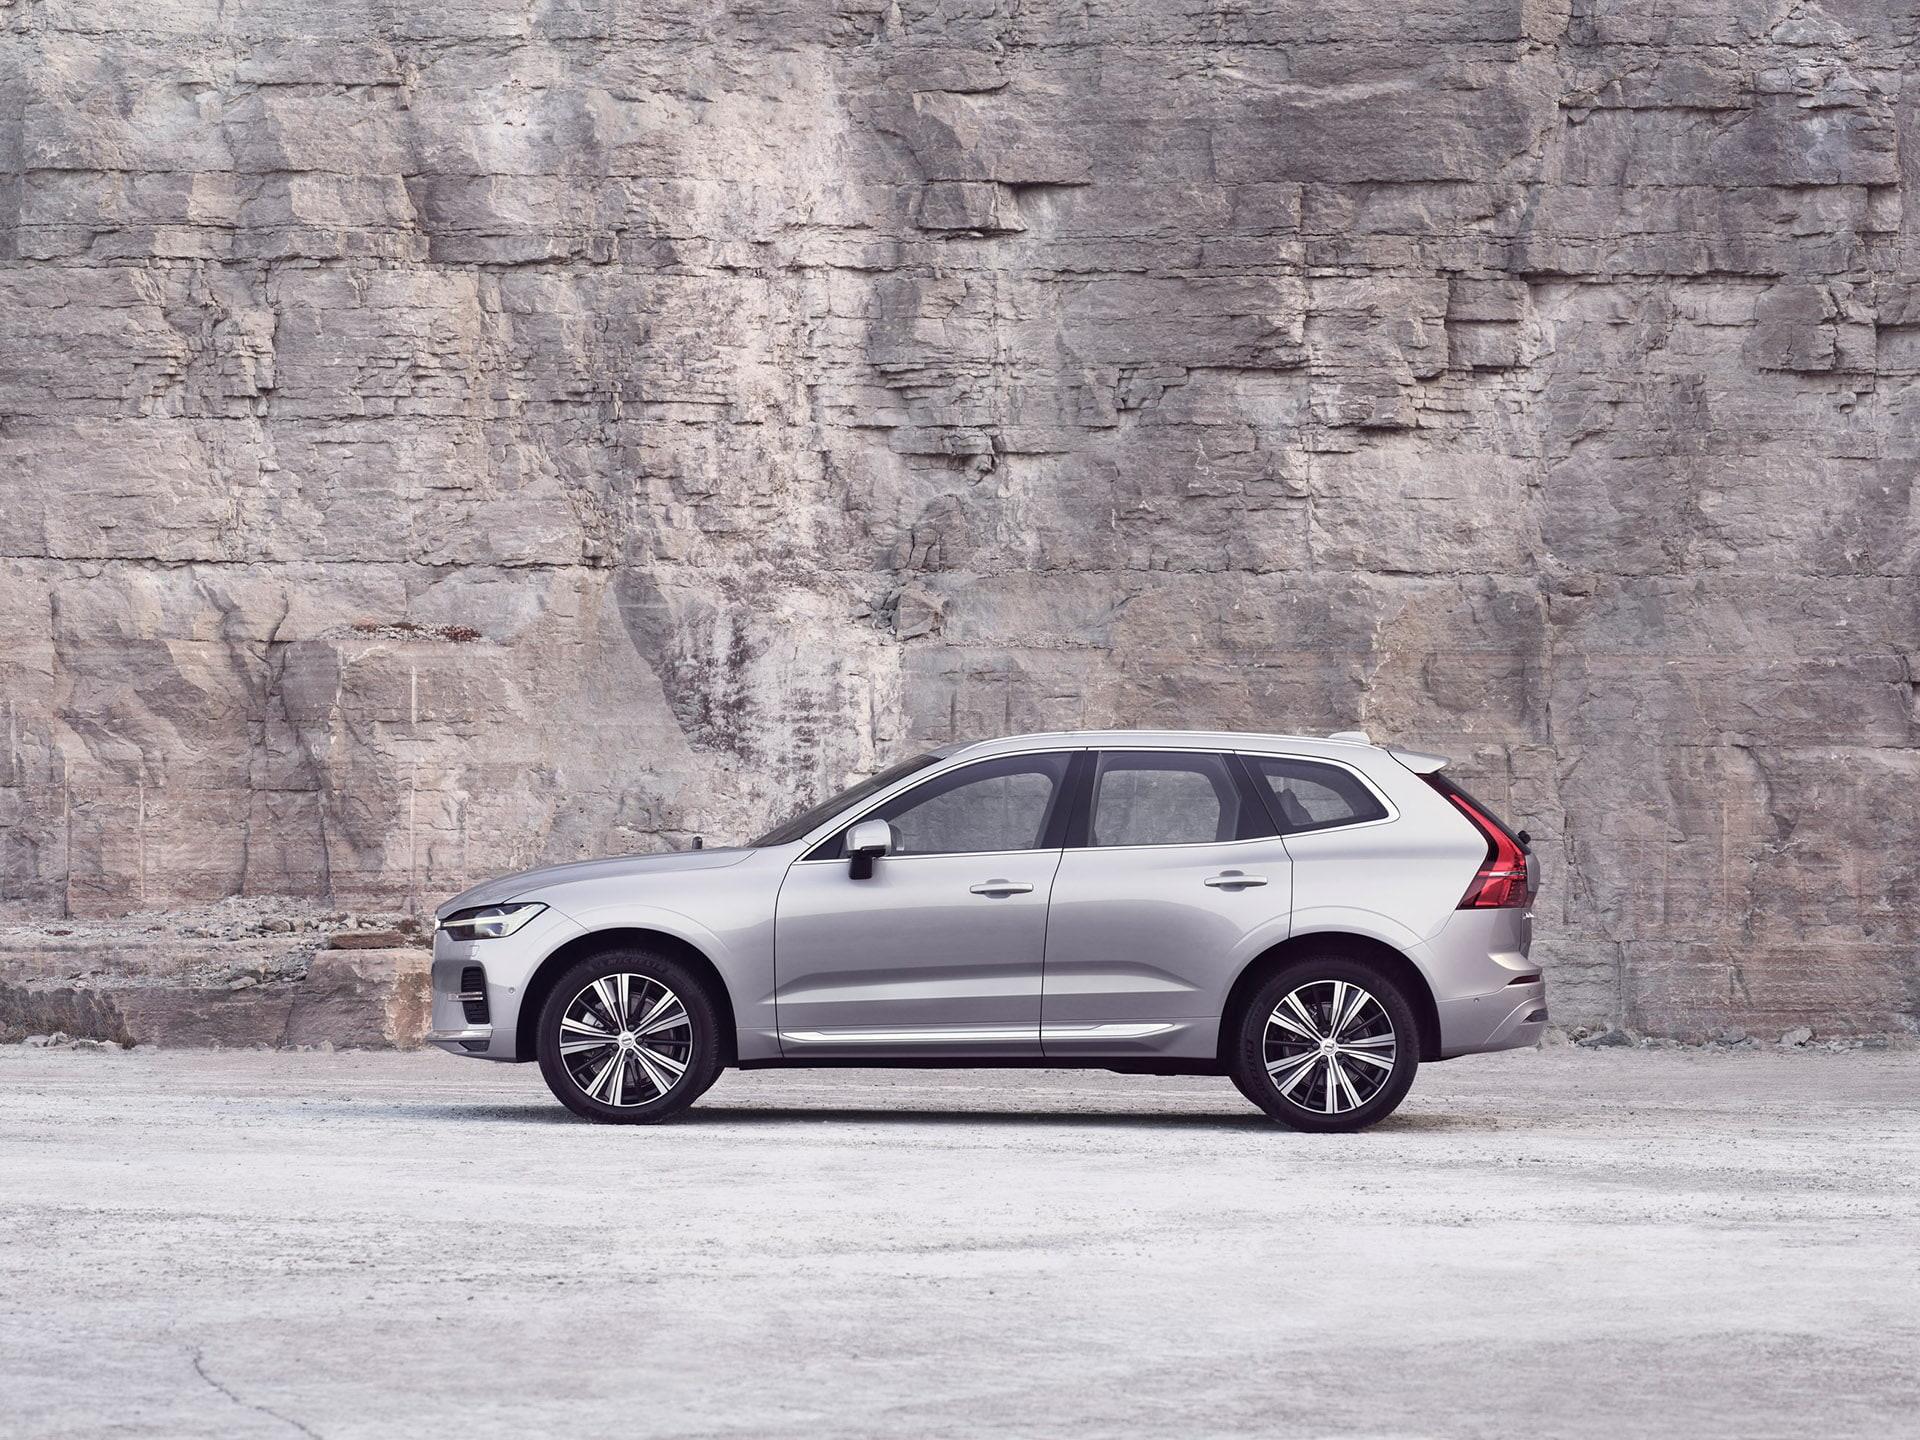 فولفو XC60 فضية تقف أمام جدار صخري.